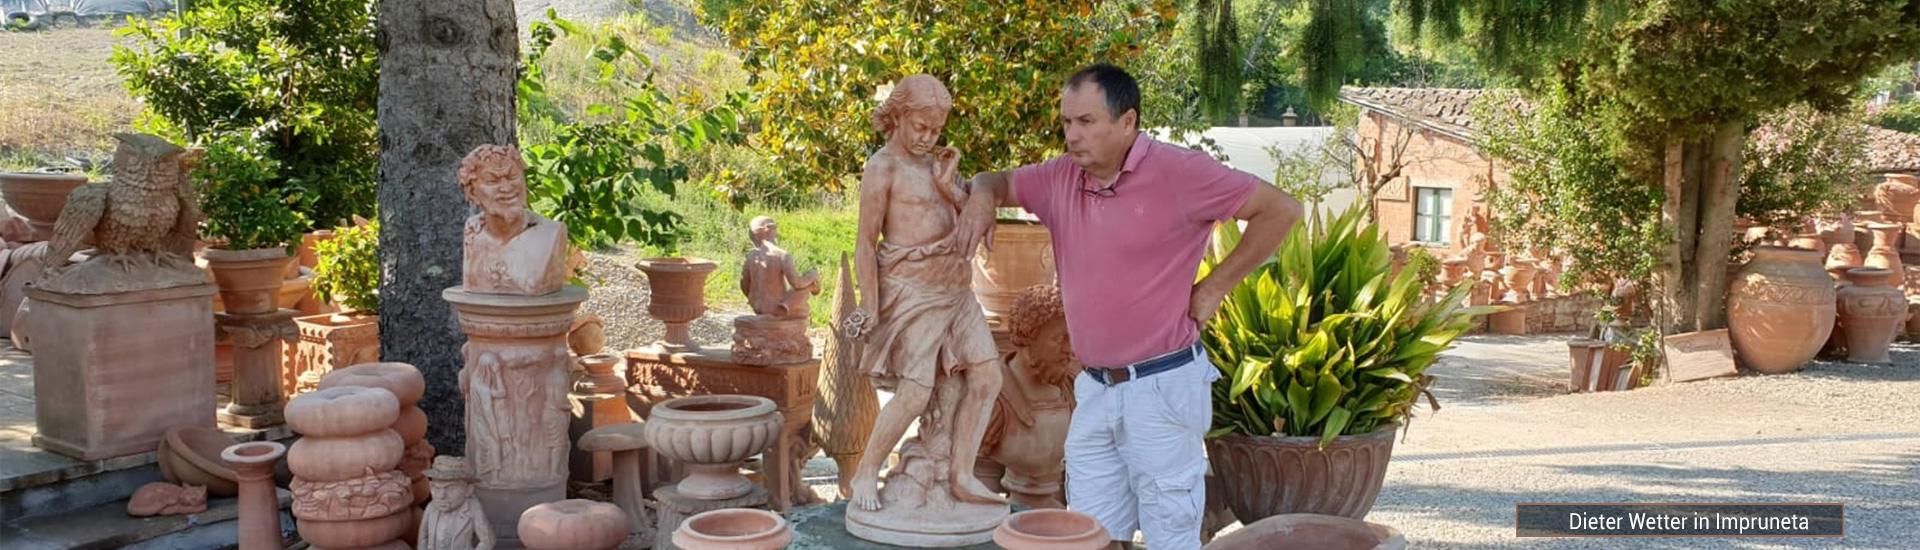 Impruneta Terracotta